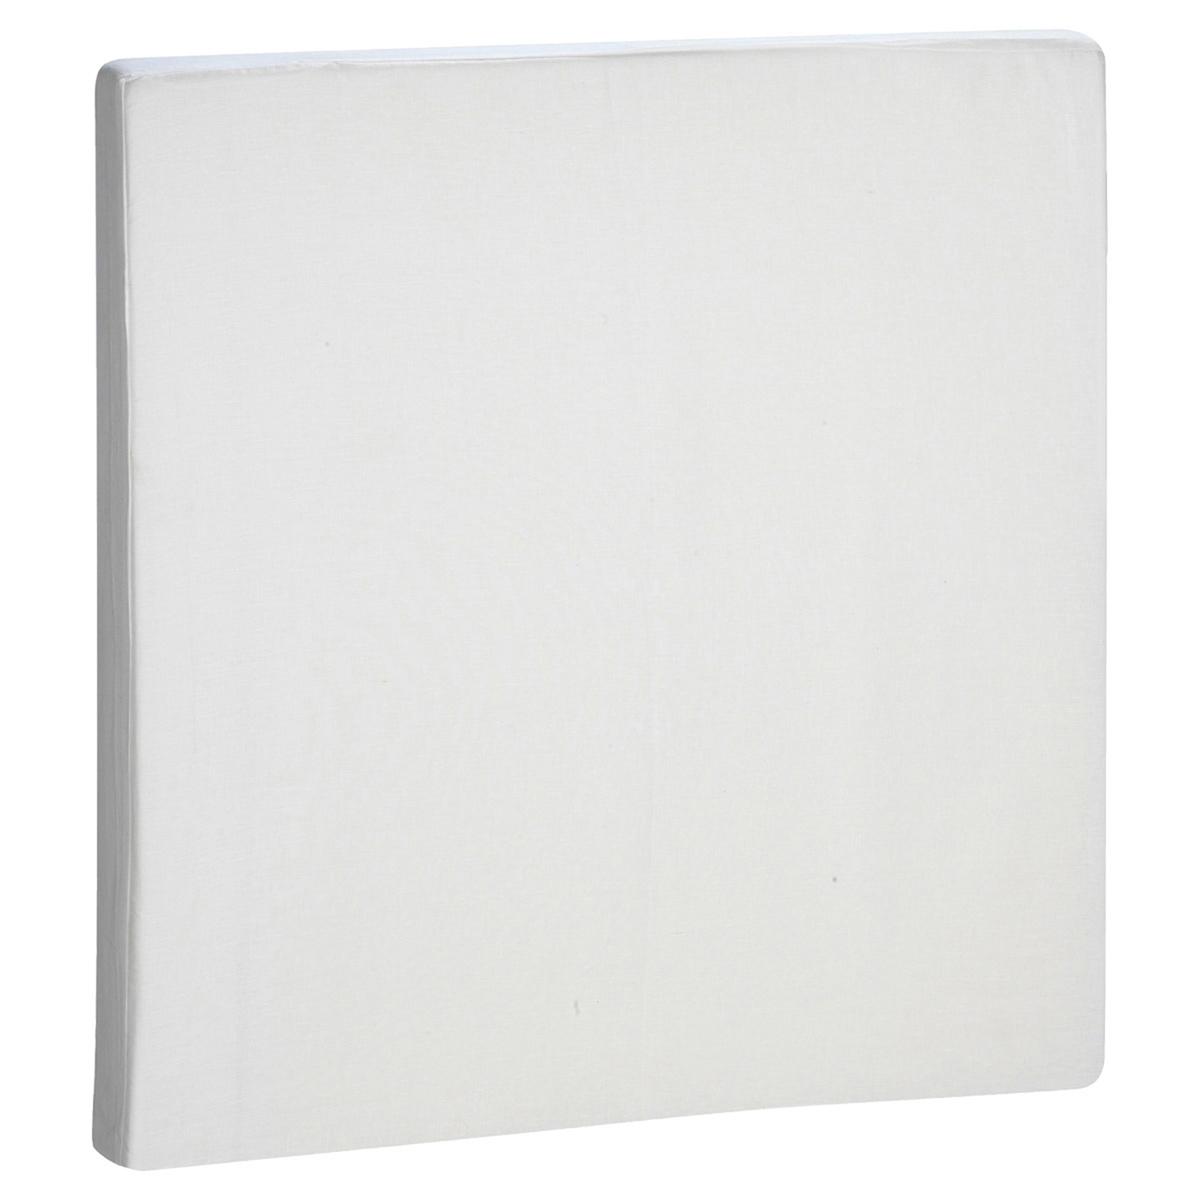 Чехол для изголовья кровати STADIA, 100% лен, высота 120 см100% лен.Размеры: высота - 120 см, ширина - 10 см.Стирка при 40°С.<br><br>Цвет: антрацит,белый